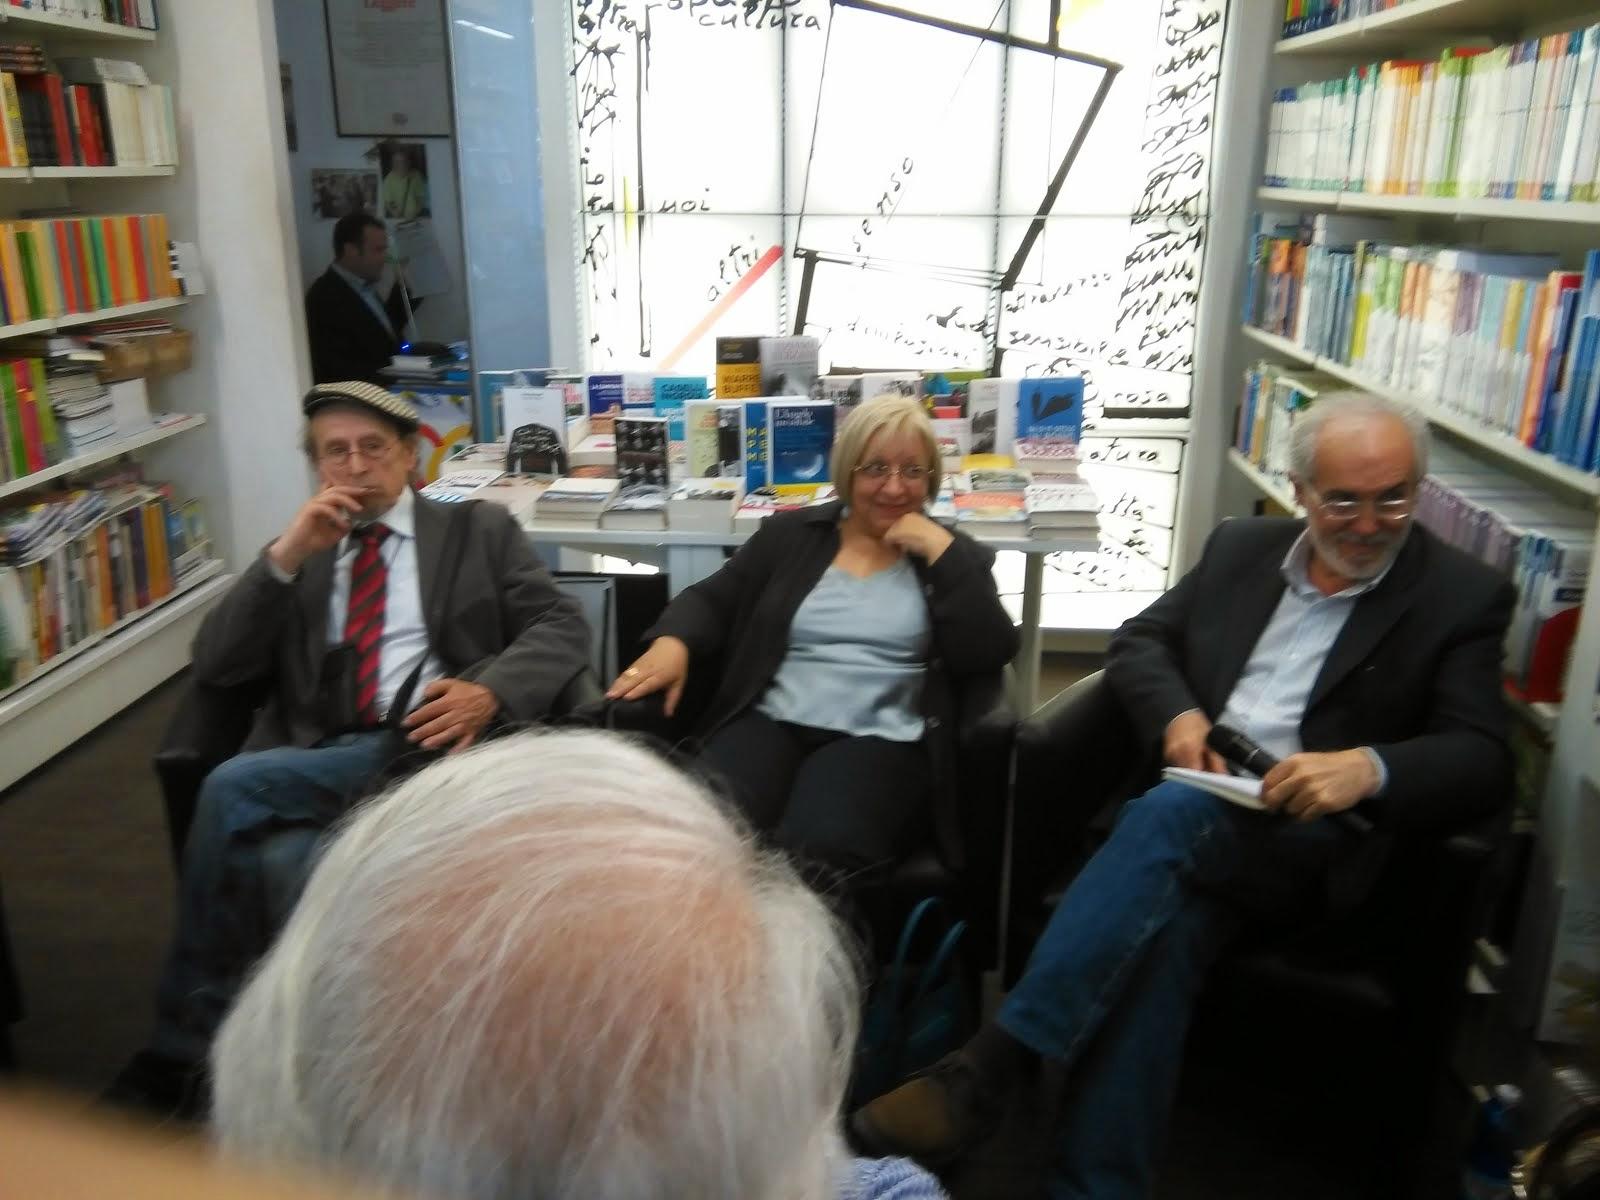 Presentazione del LIbro Uscire dal Passato Per entrare nel Futuro- Libreria Macaione. 5.6.2014